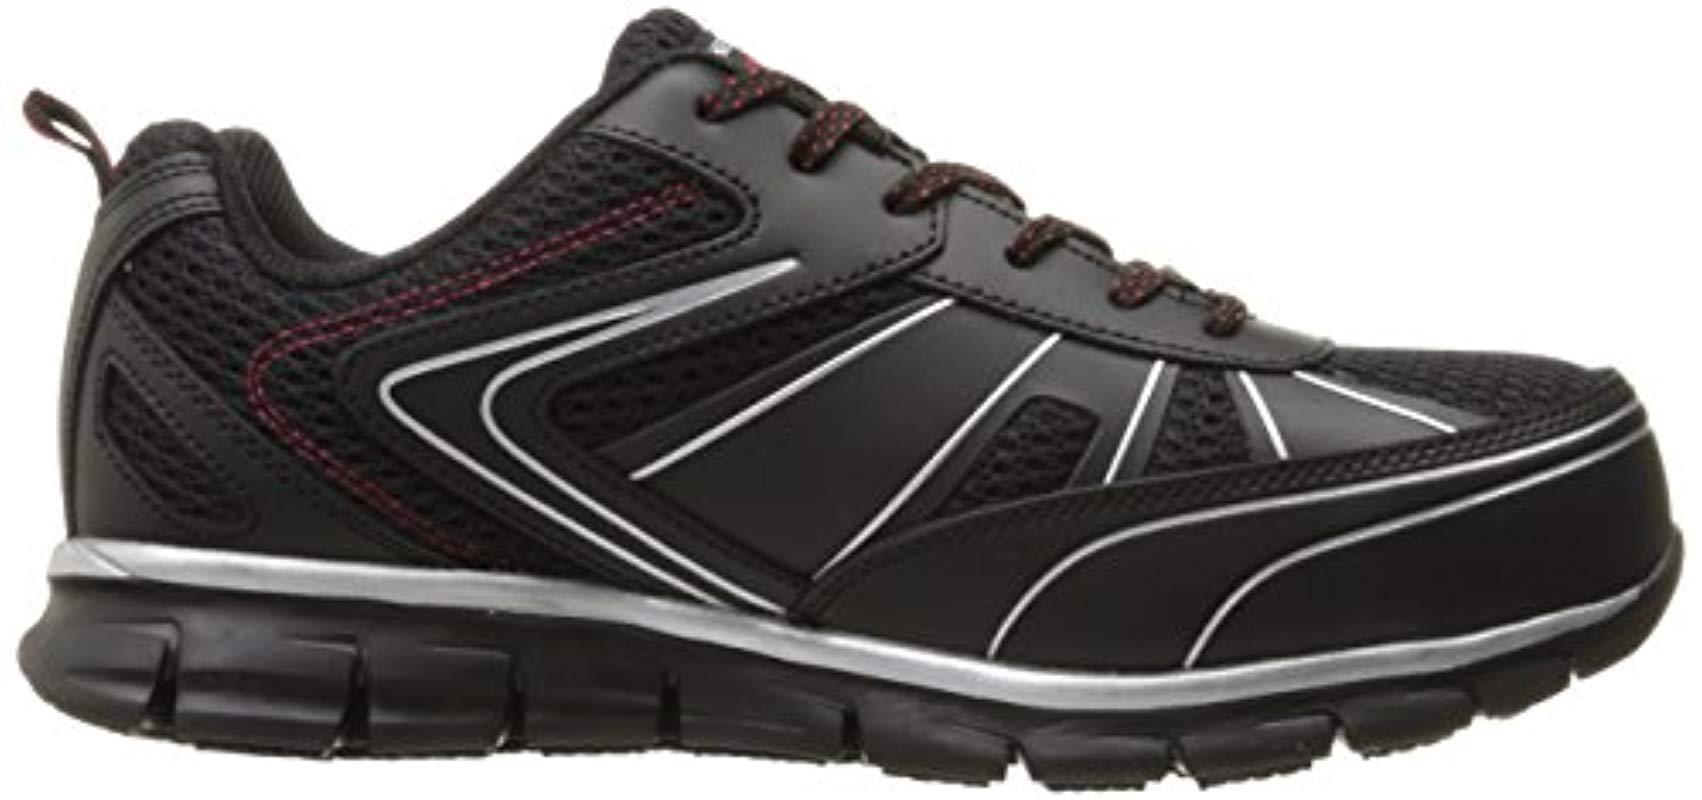 Skechers Synergy Fosston Work Shoe in